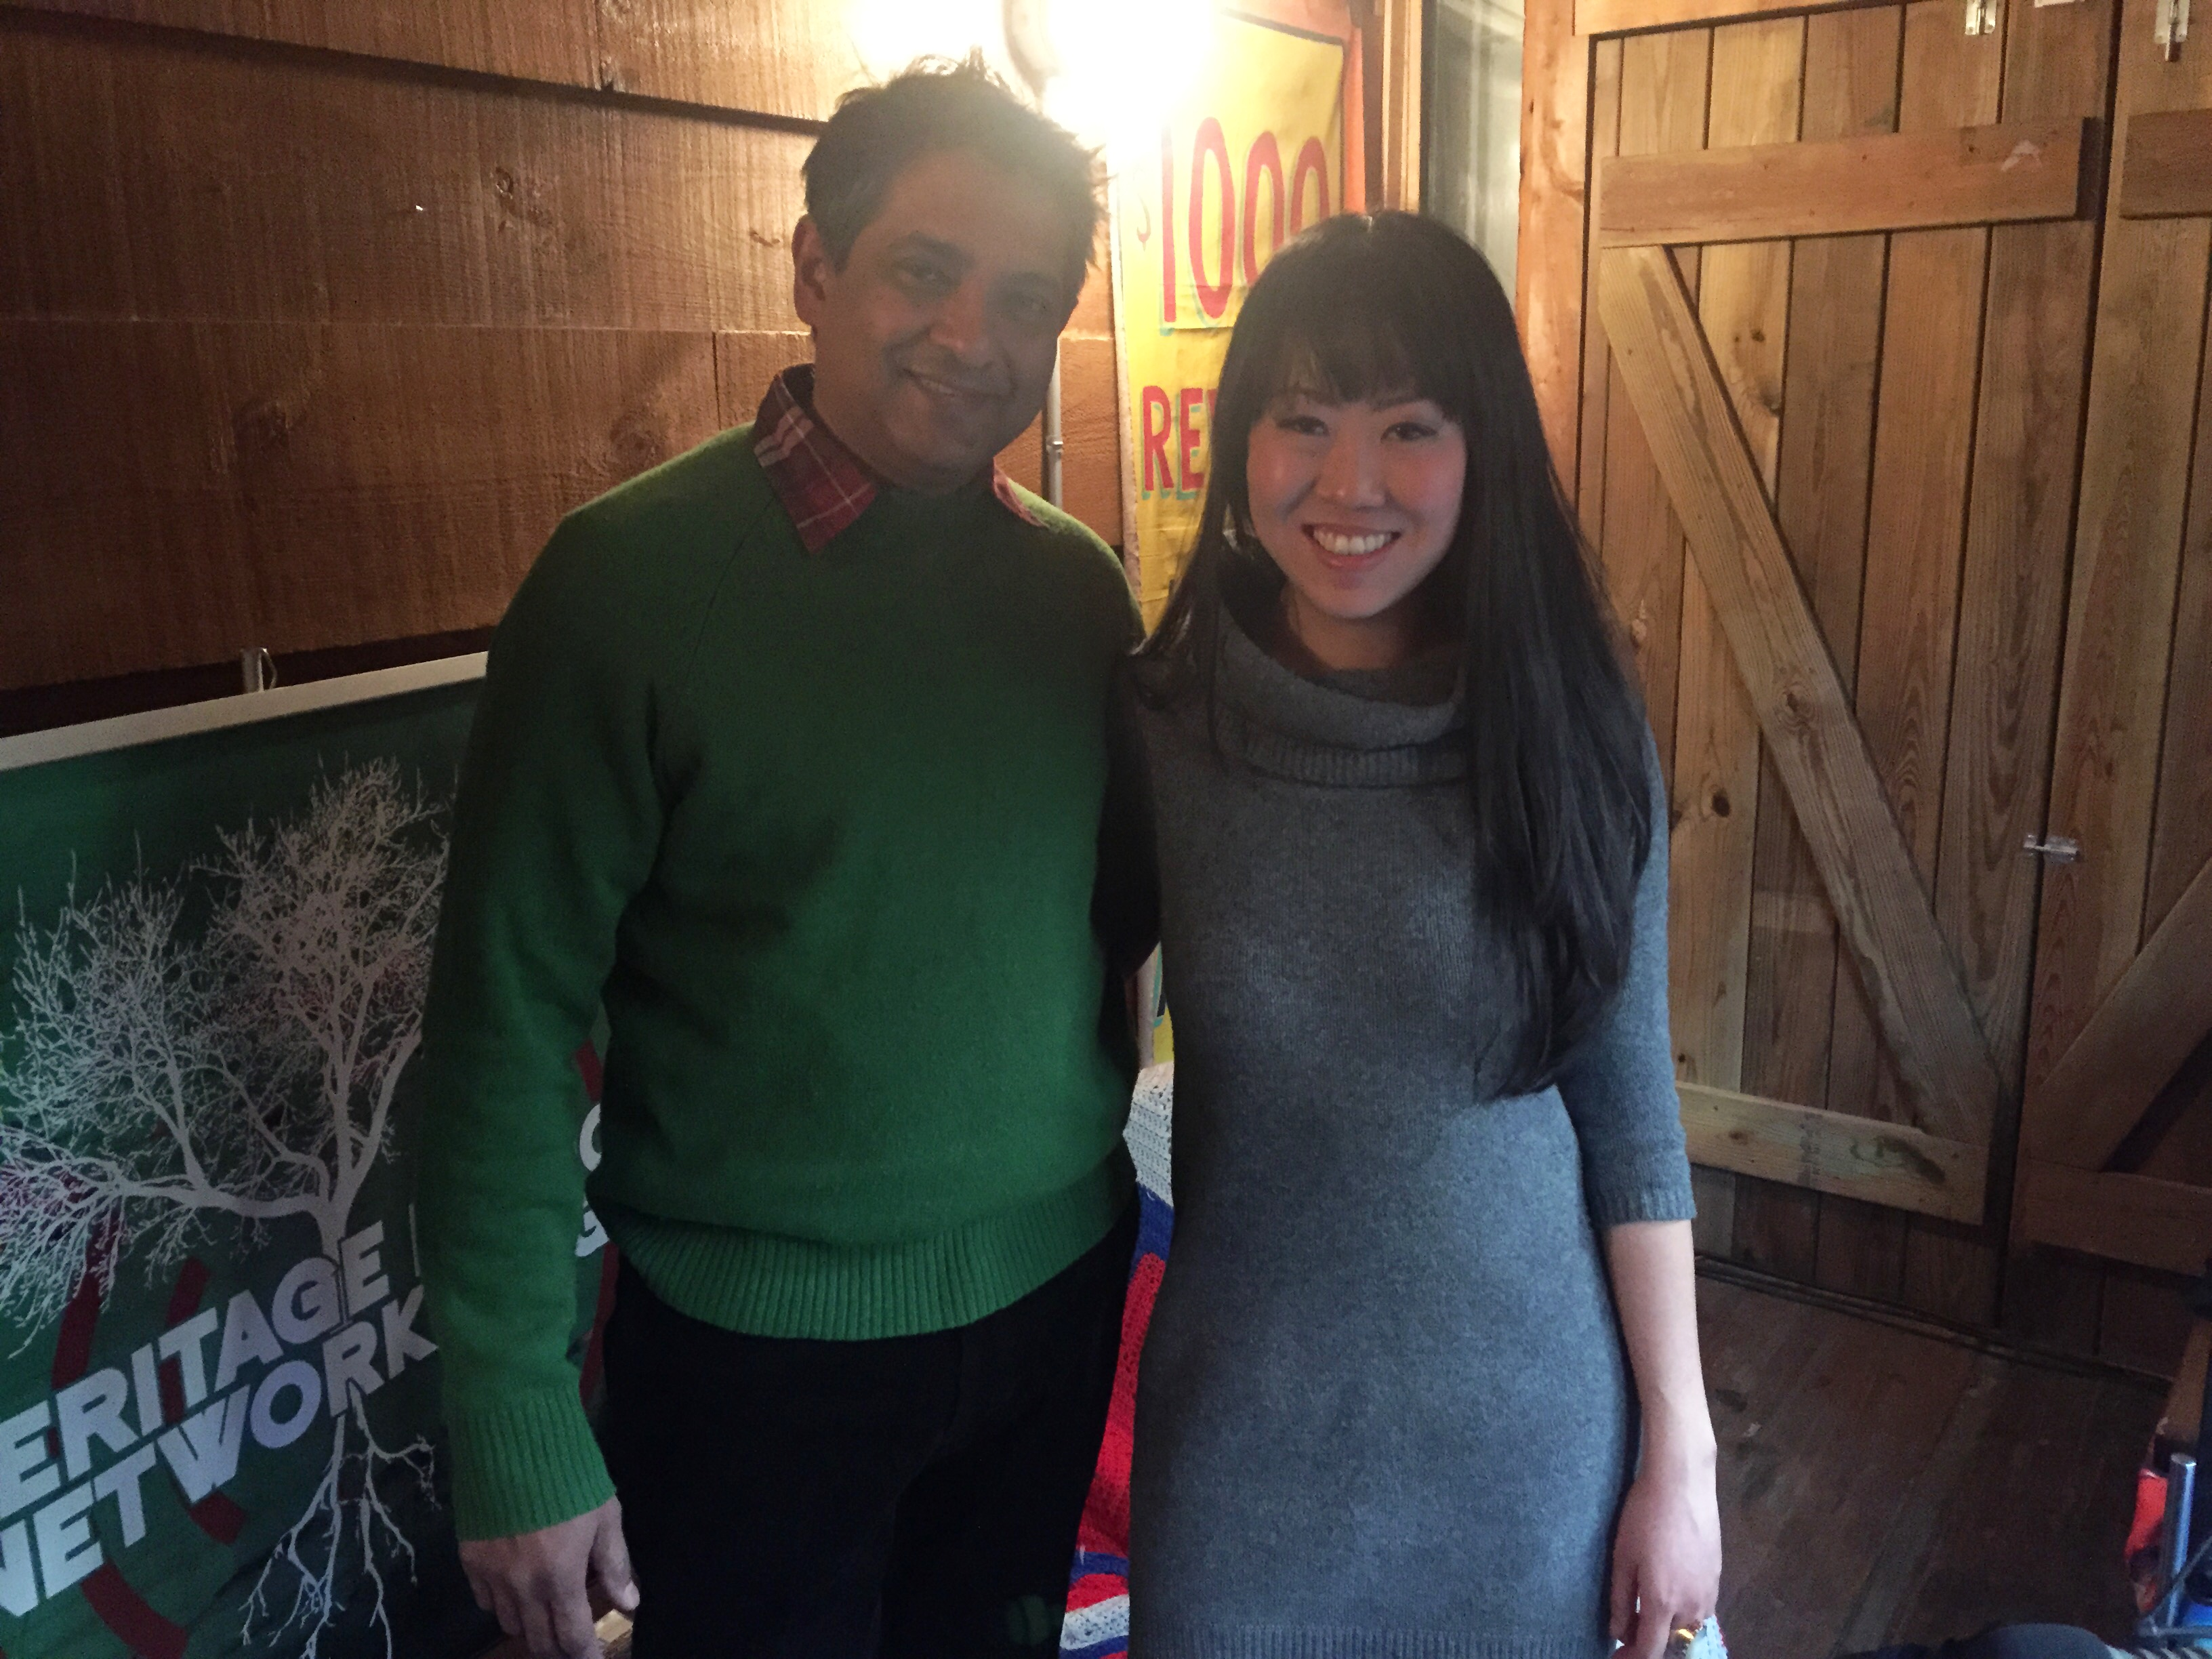 Floyd Cardoz and Leiti Hsu